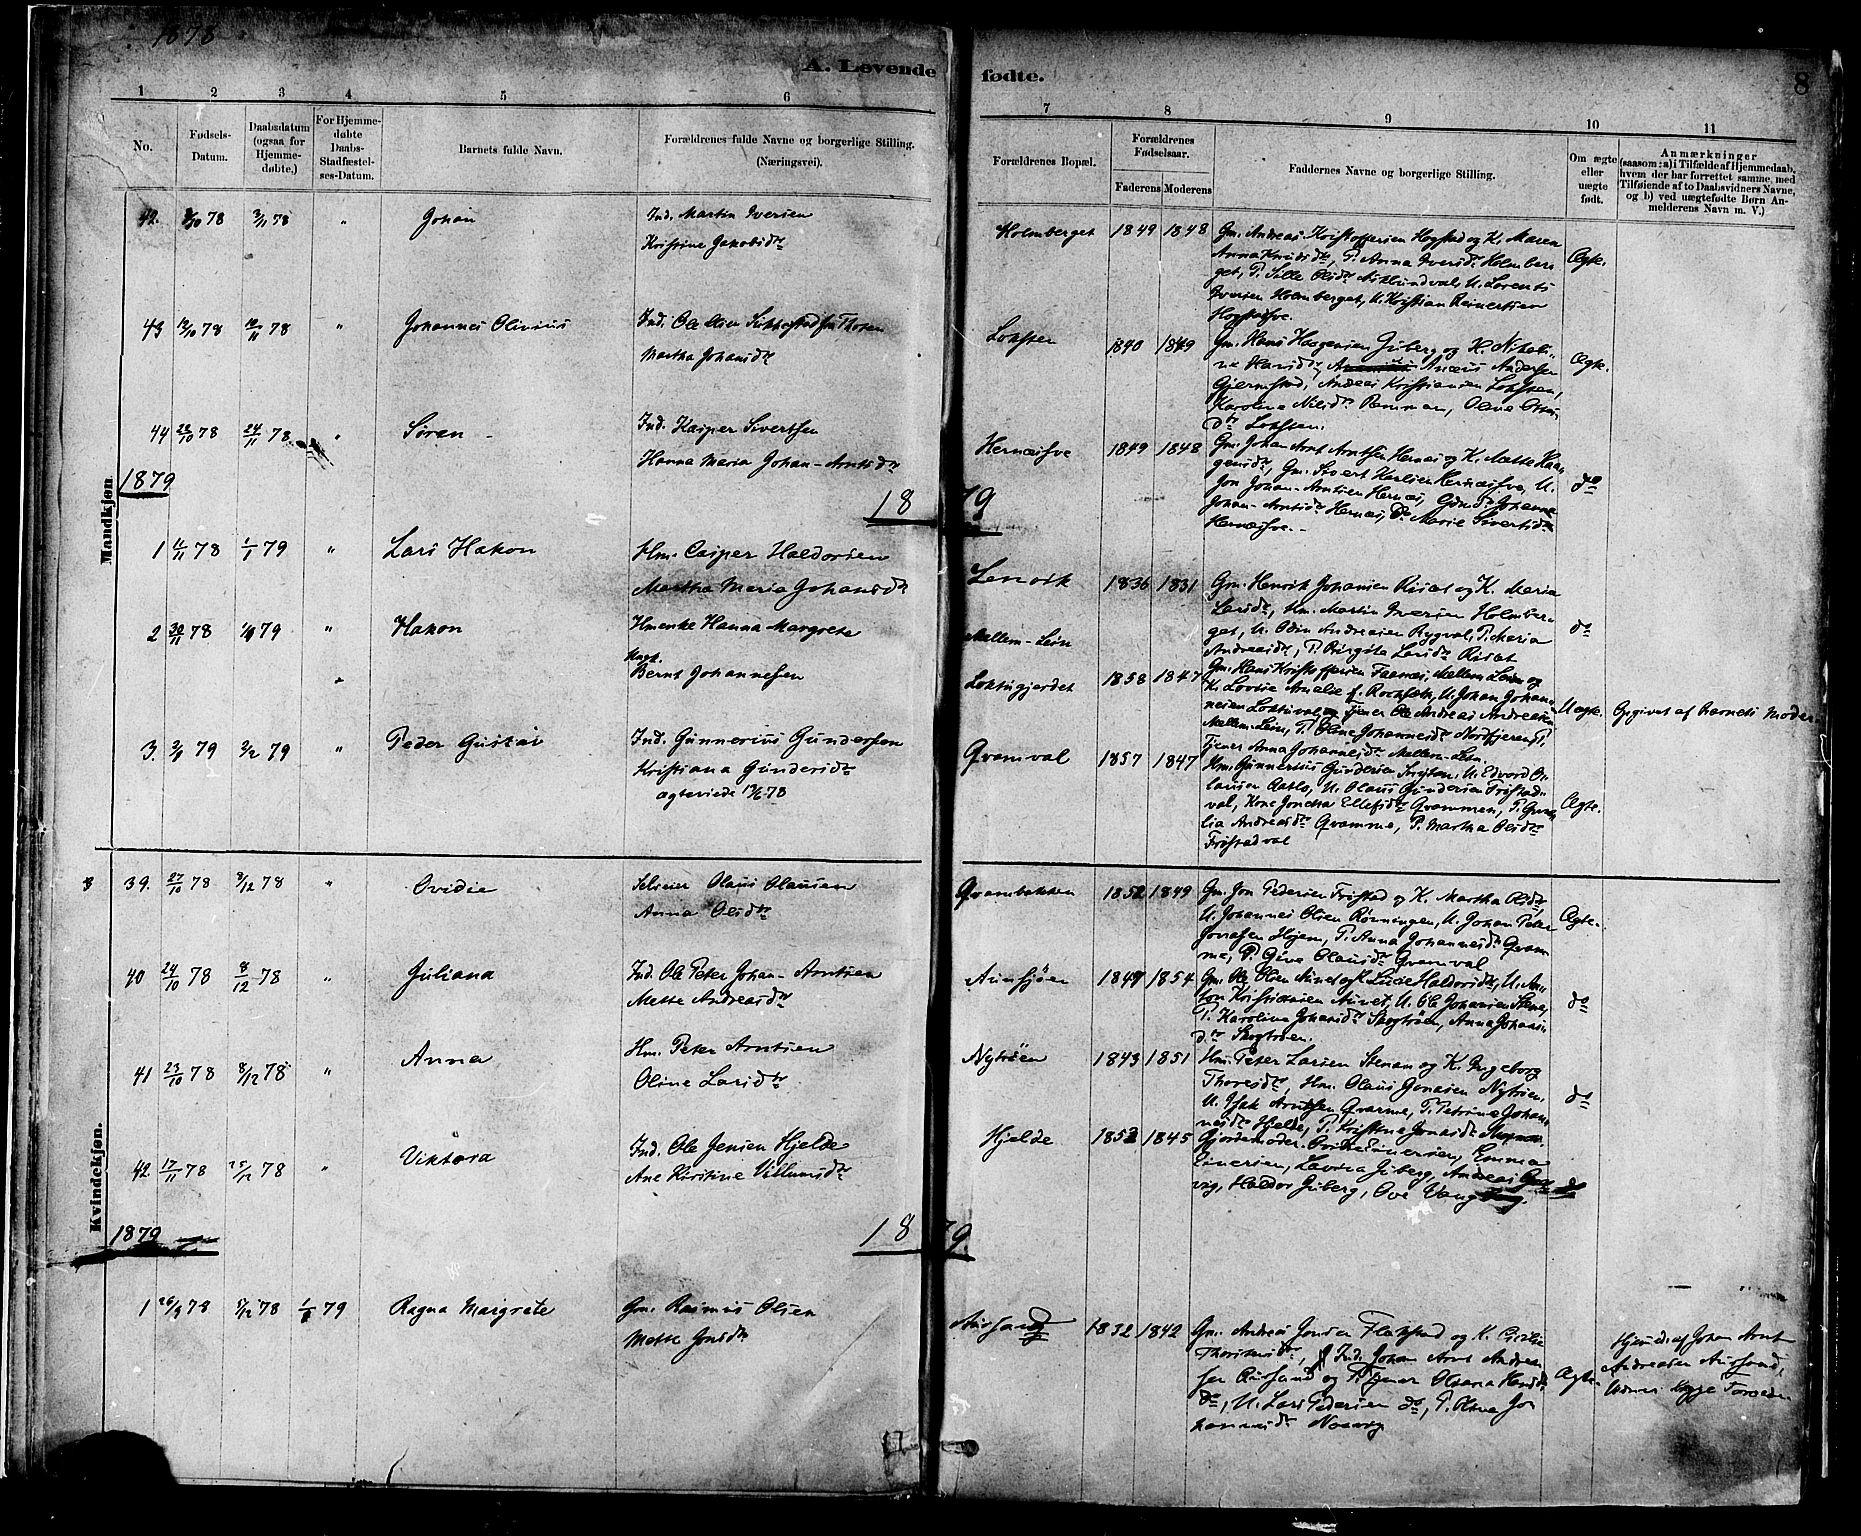 SAT, Ministerialprotokoller, klokkerbøker og fødselsregistre - Nord-Trøndelag, 713/L0120: Ministerialbok nr. 713A09, 1878-1887, s. 8